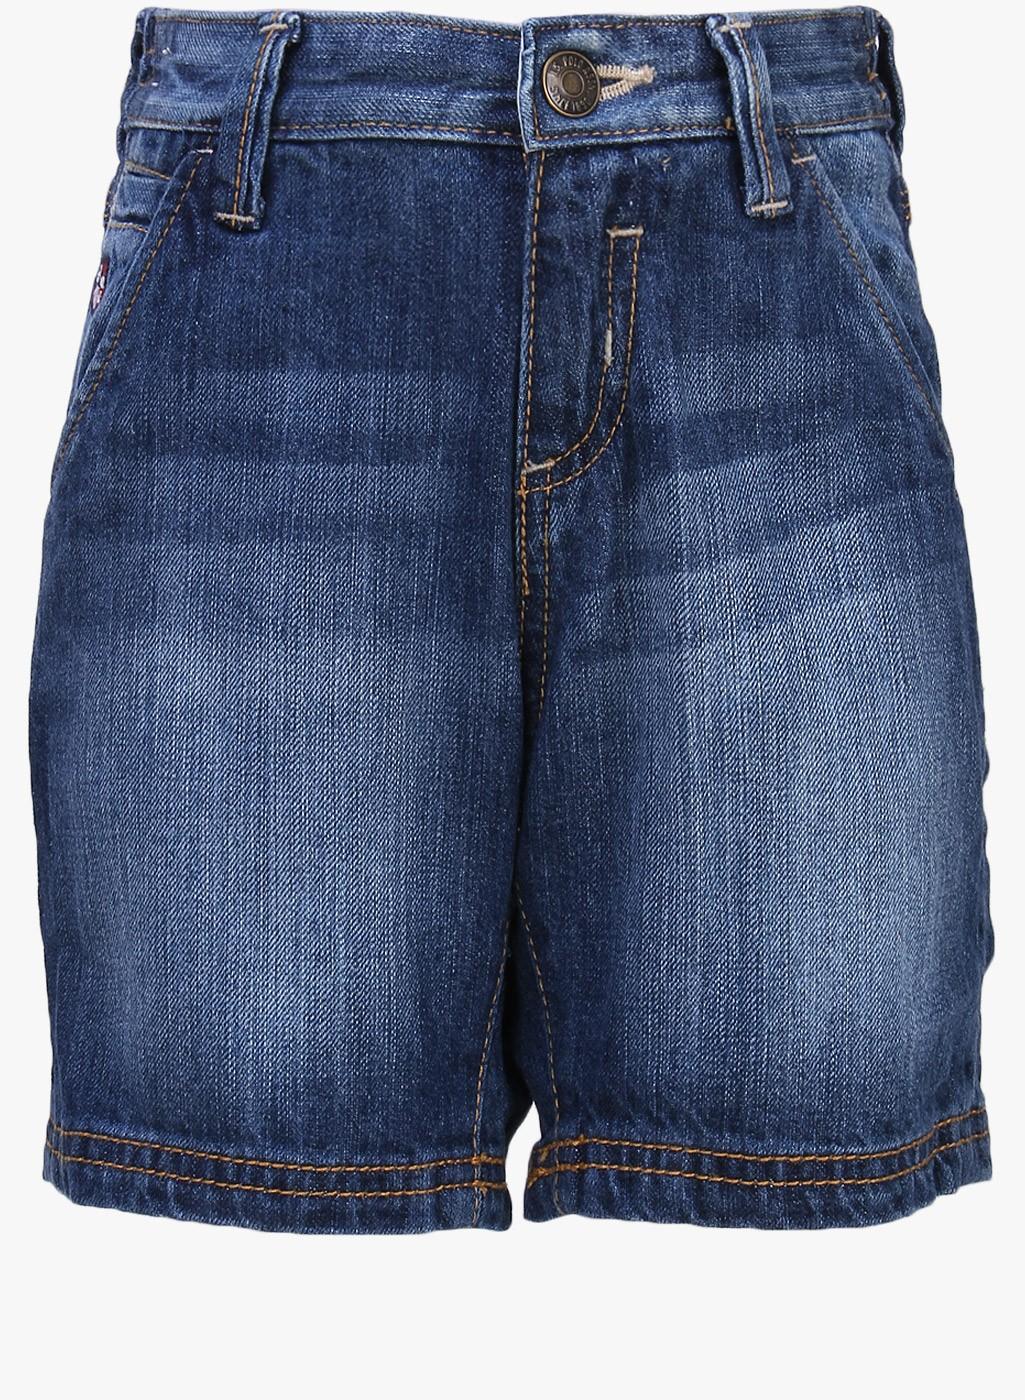 Modern Light Blue Cotton Short